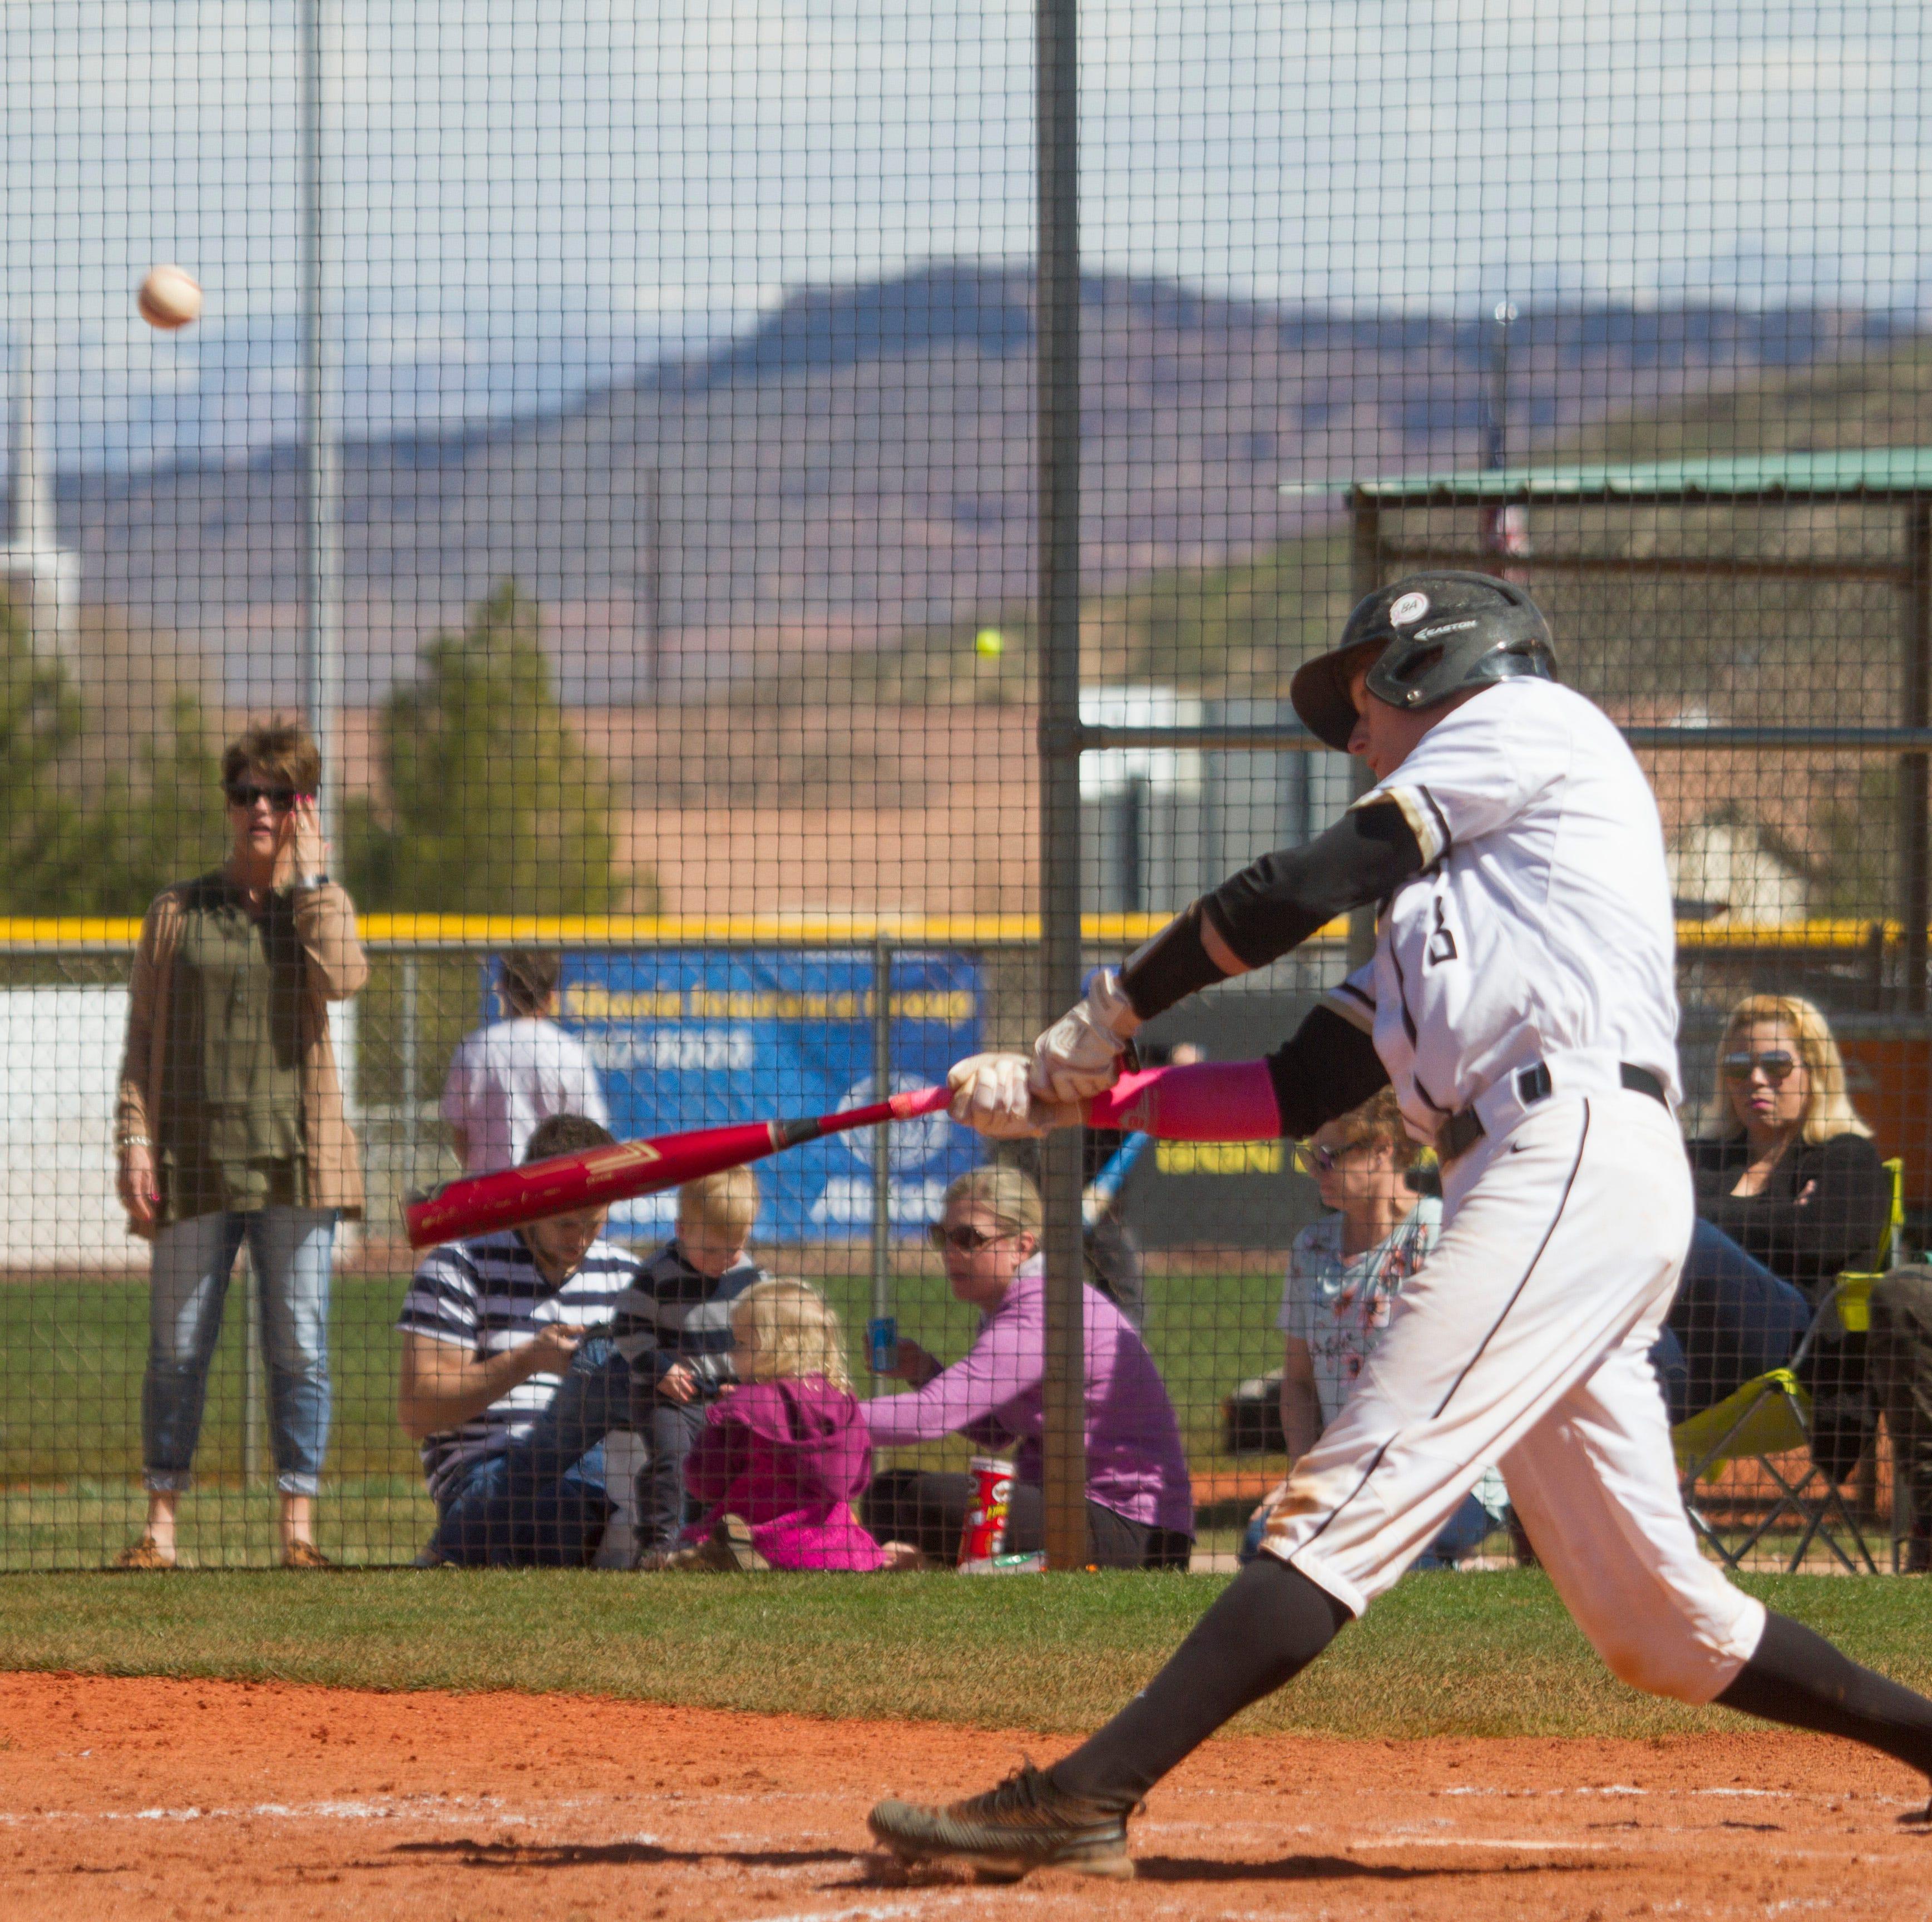 4A playoffs: Desert Hills is the last main bracket Region 9 team, Cedar fights for survival